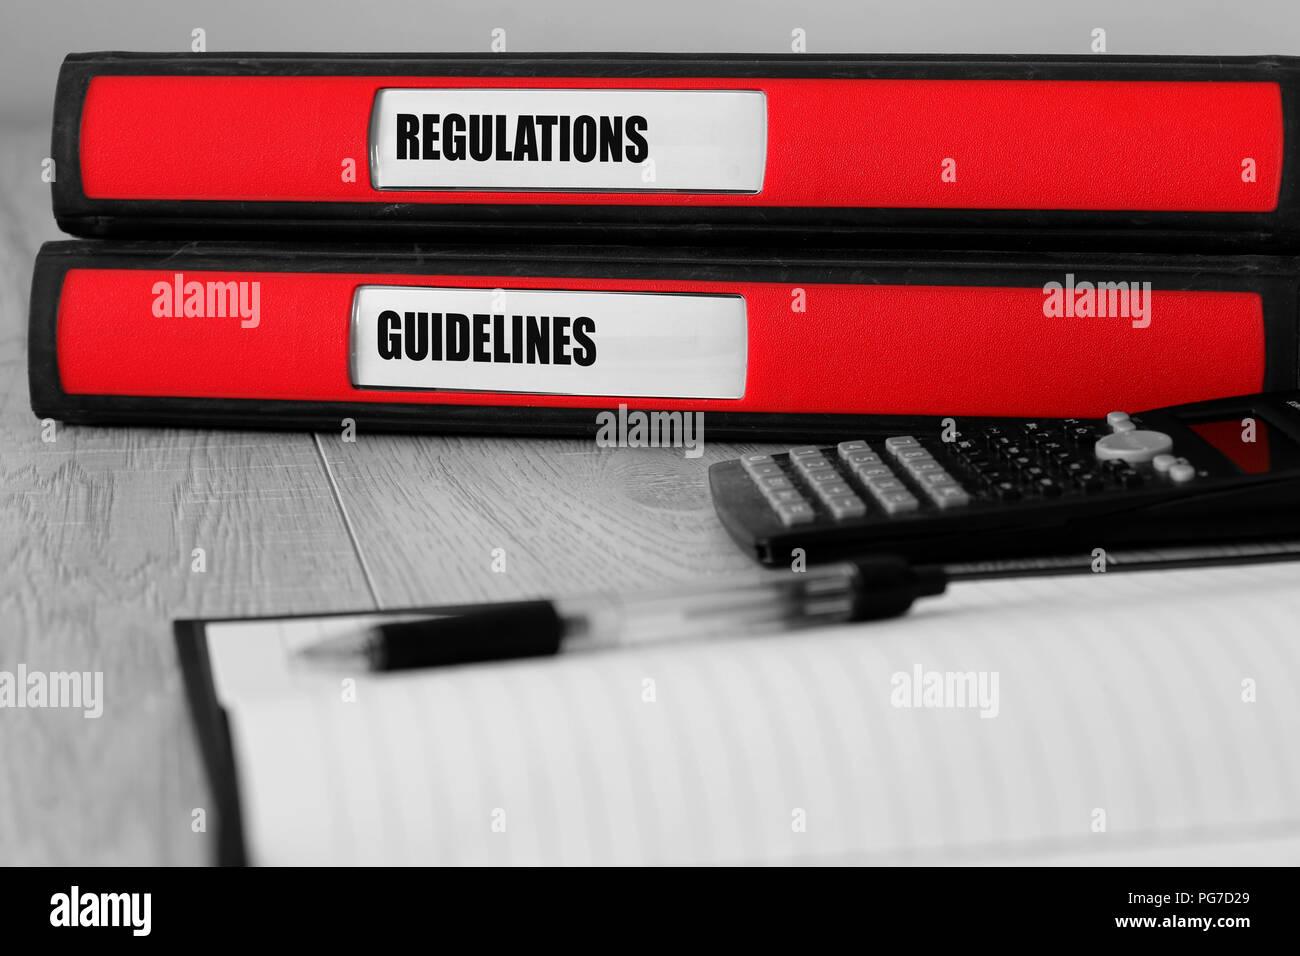 Carpetas rojas con reglamentaciones y directrices escritas en la etiqueta de un escritorio con color selectivo Imagen De Stock